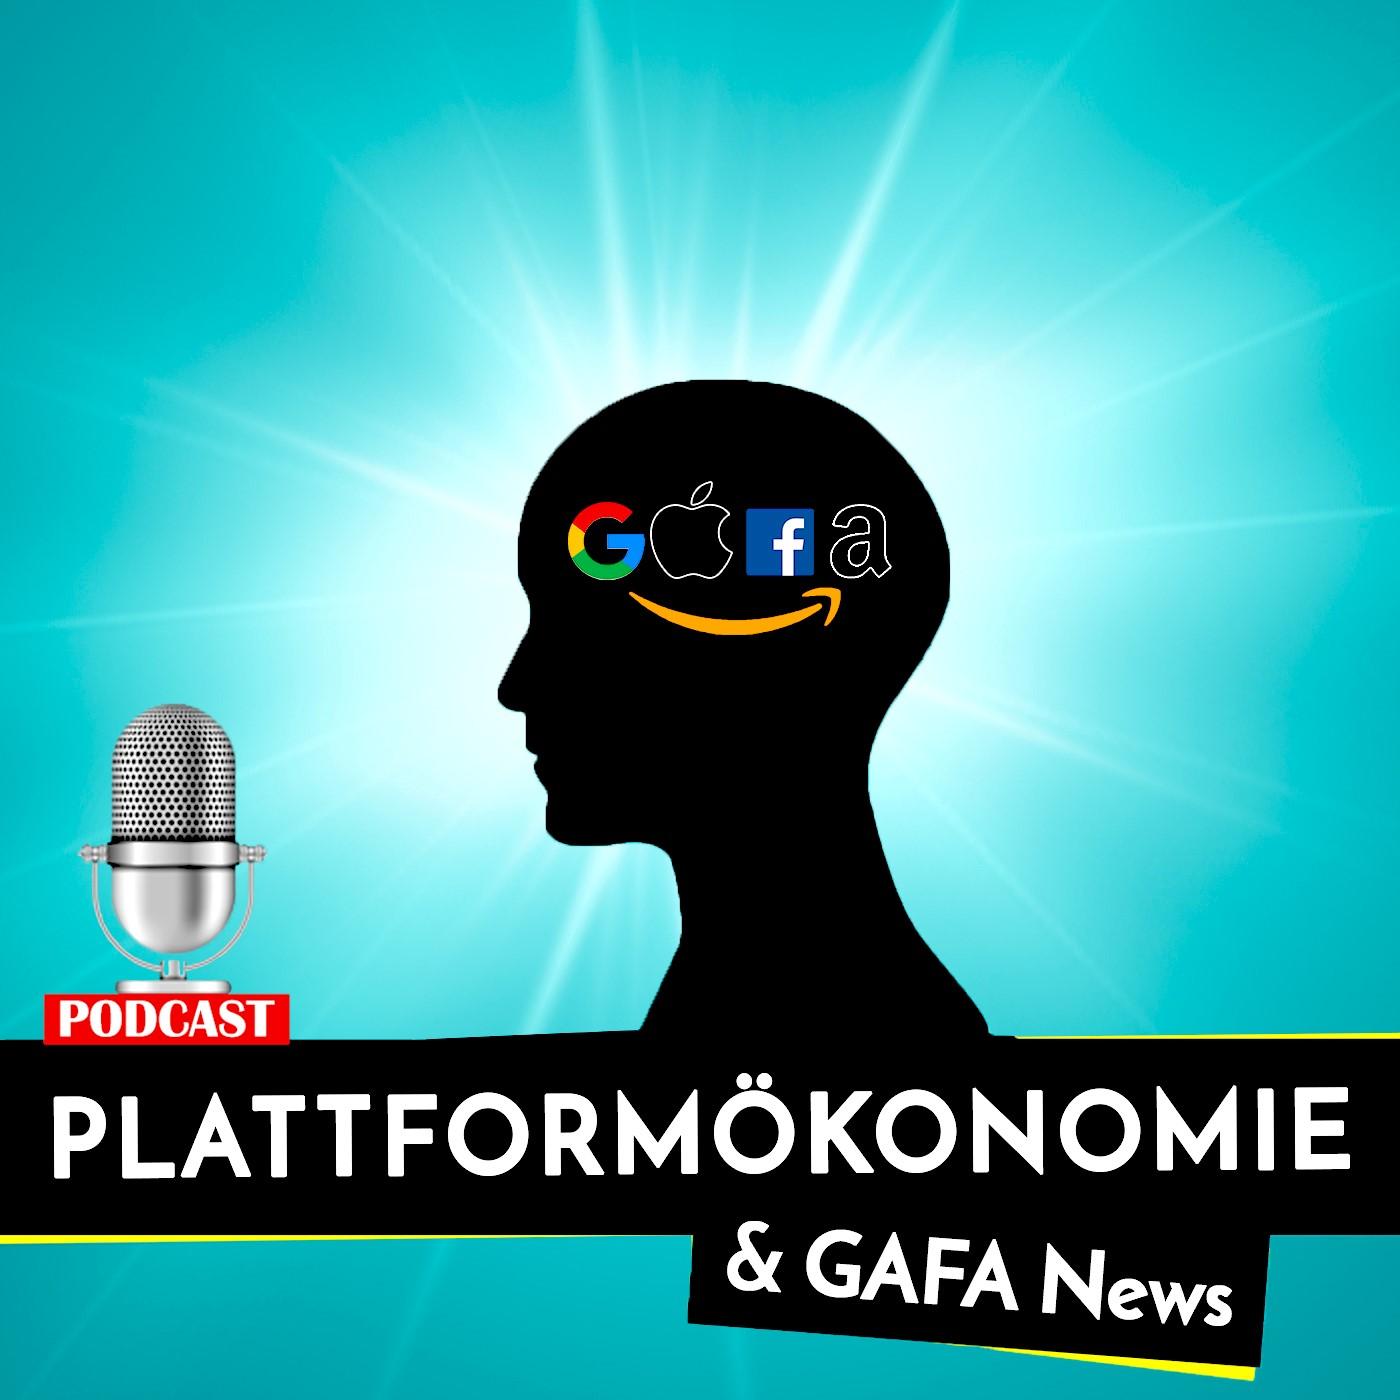 Heutige News: Momox, Mytheresa, Handelsblatt, ESOP, Durstexpress, Netflix, Amazon, usw.